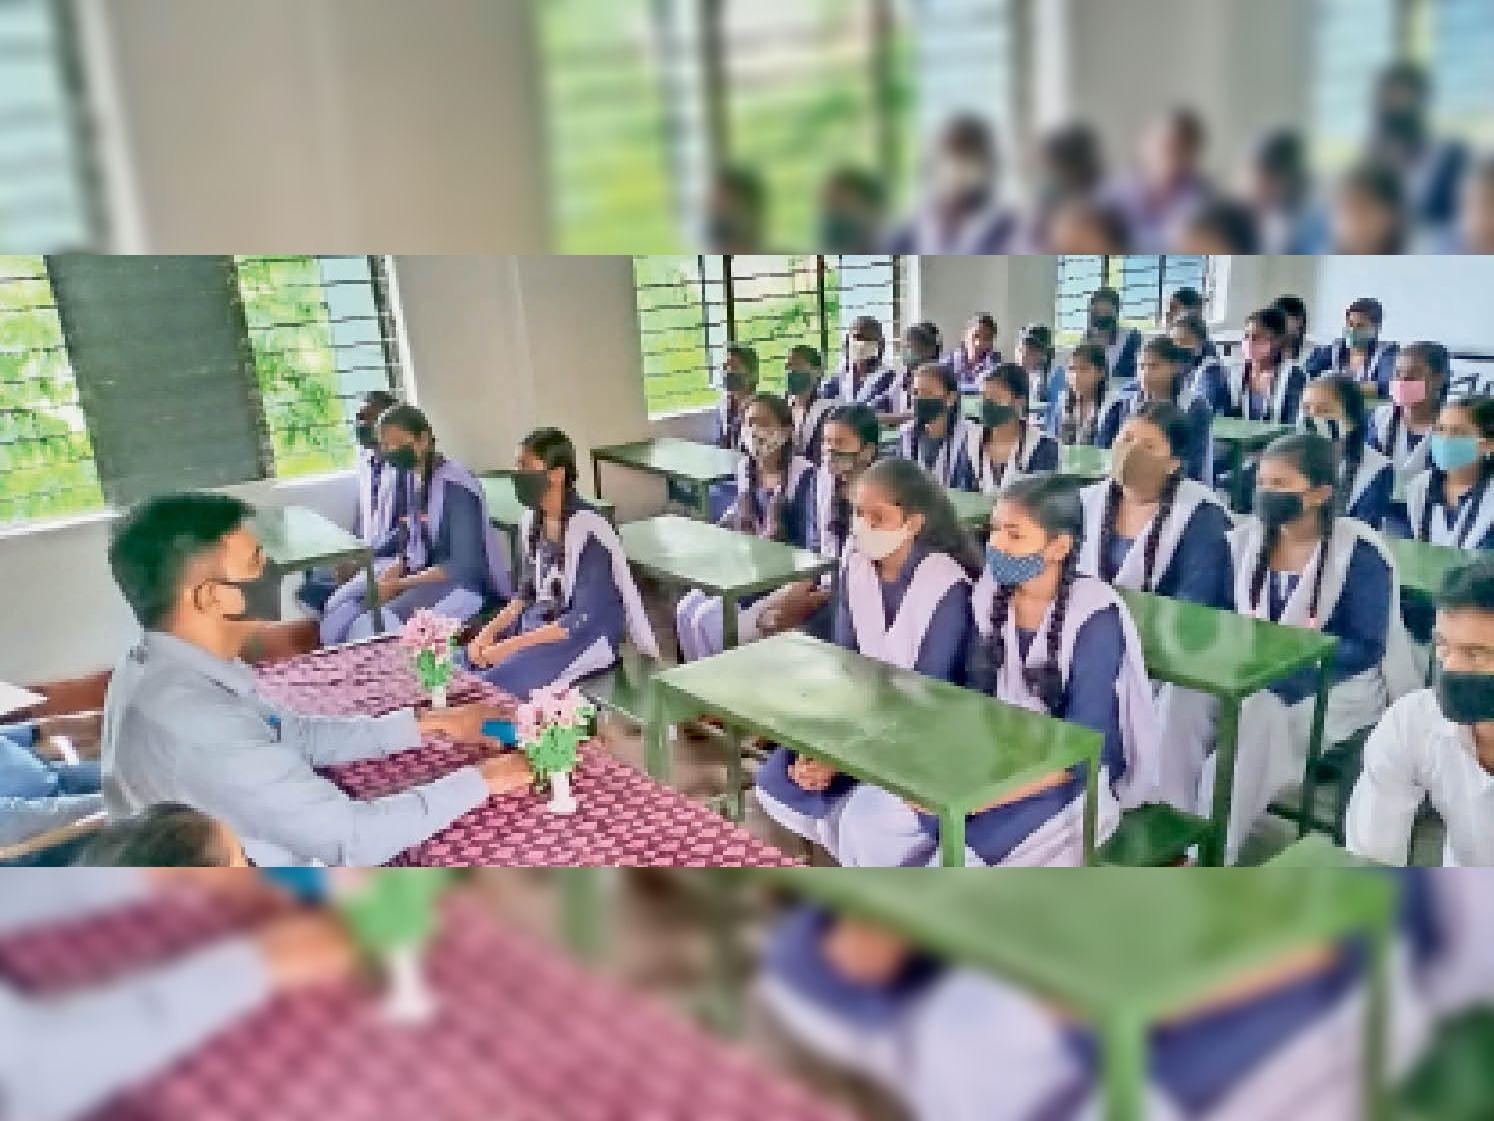 मंगलवार को हिन्दी दिवस के कार्यक्रम में उपस्थित छात्र। - Dainik Bhaskar